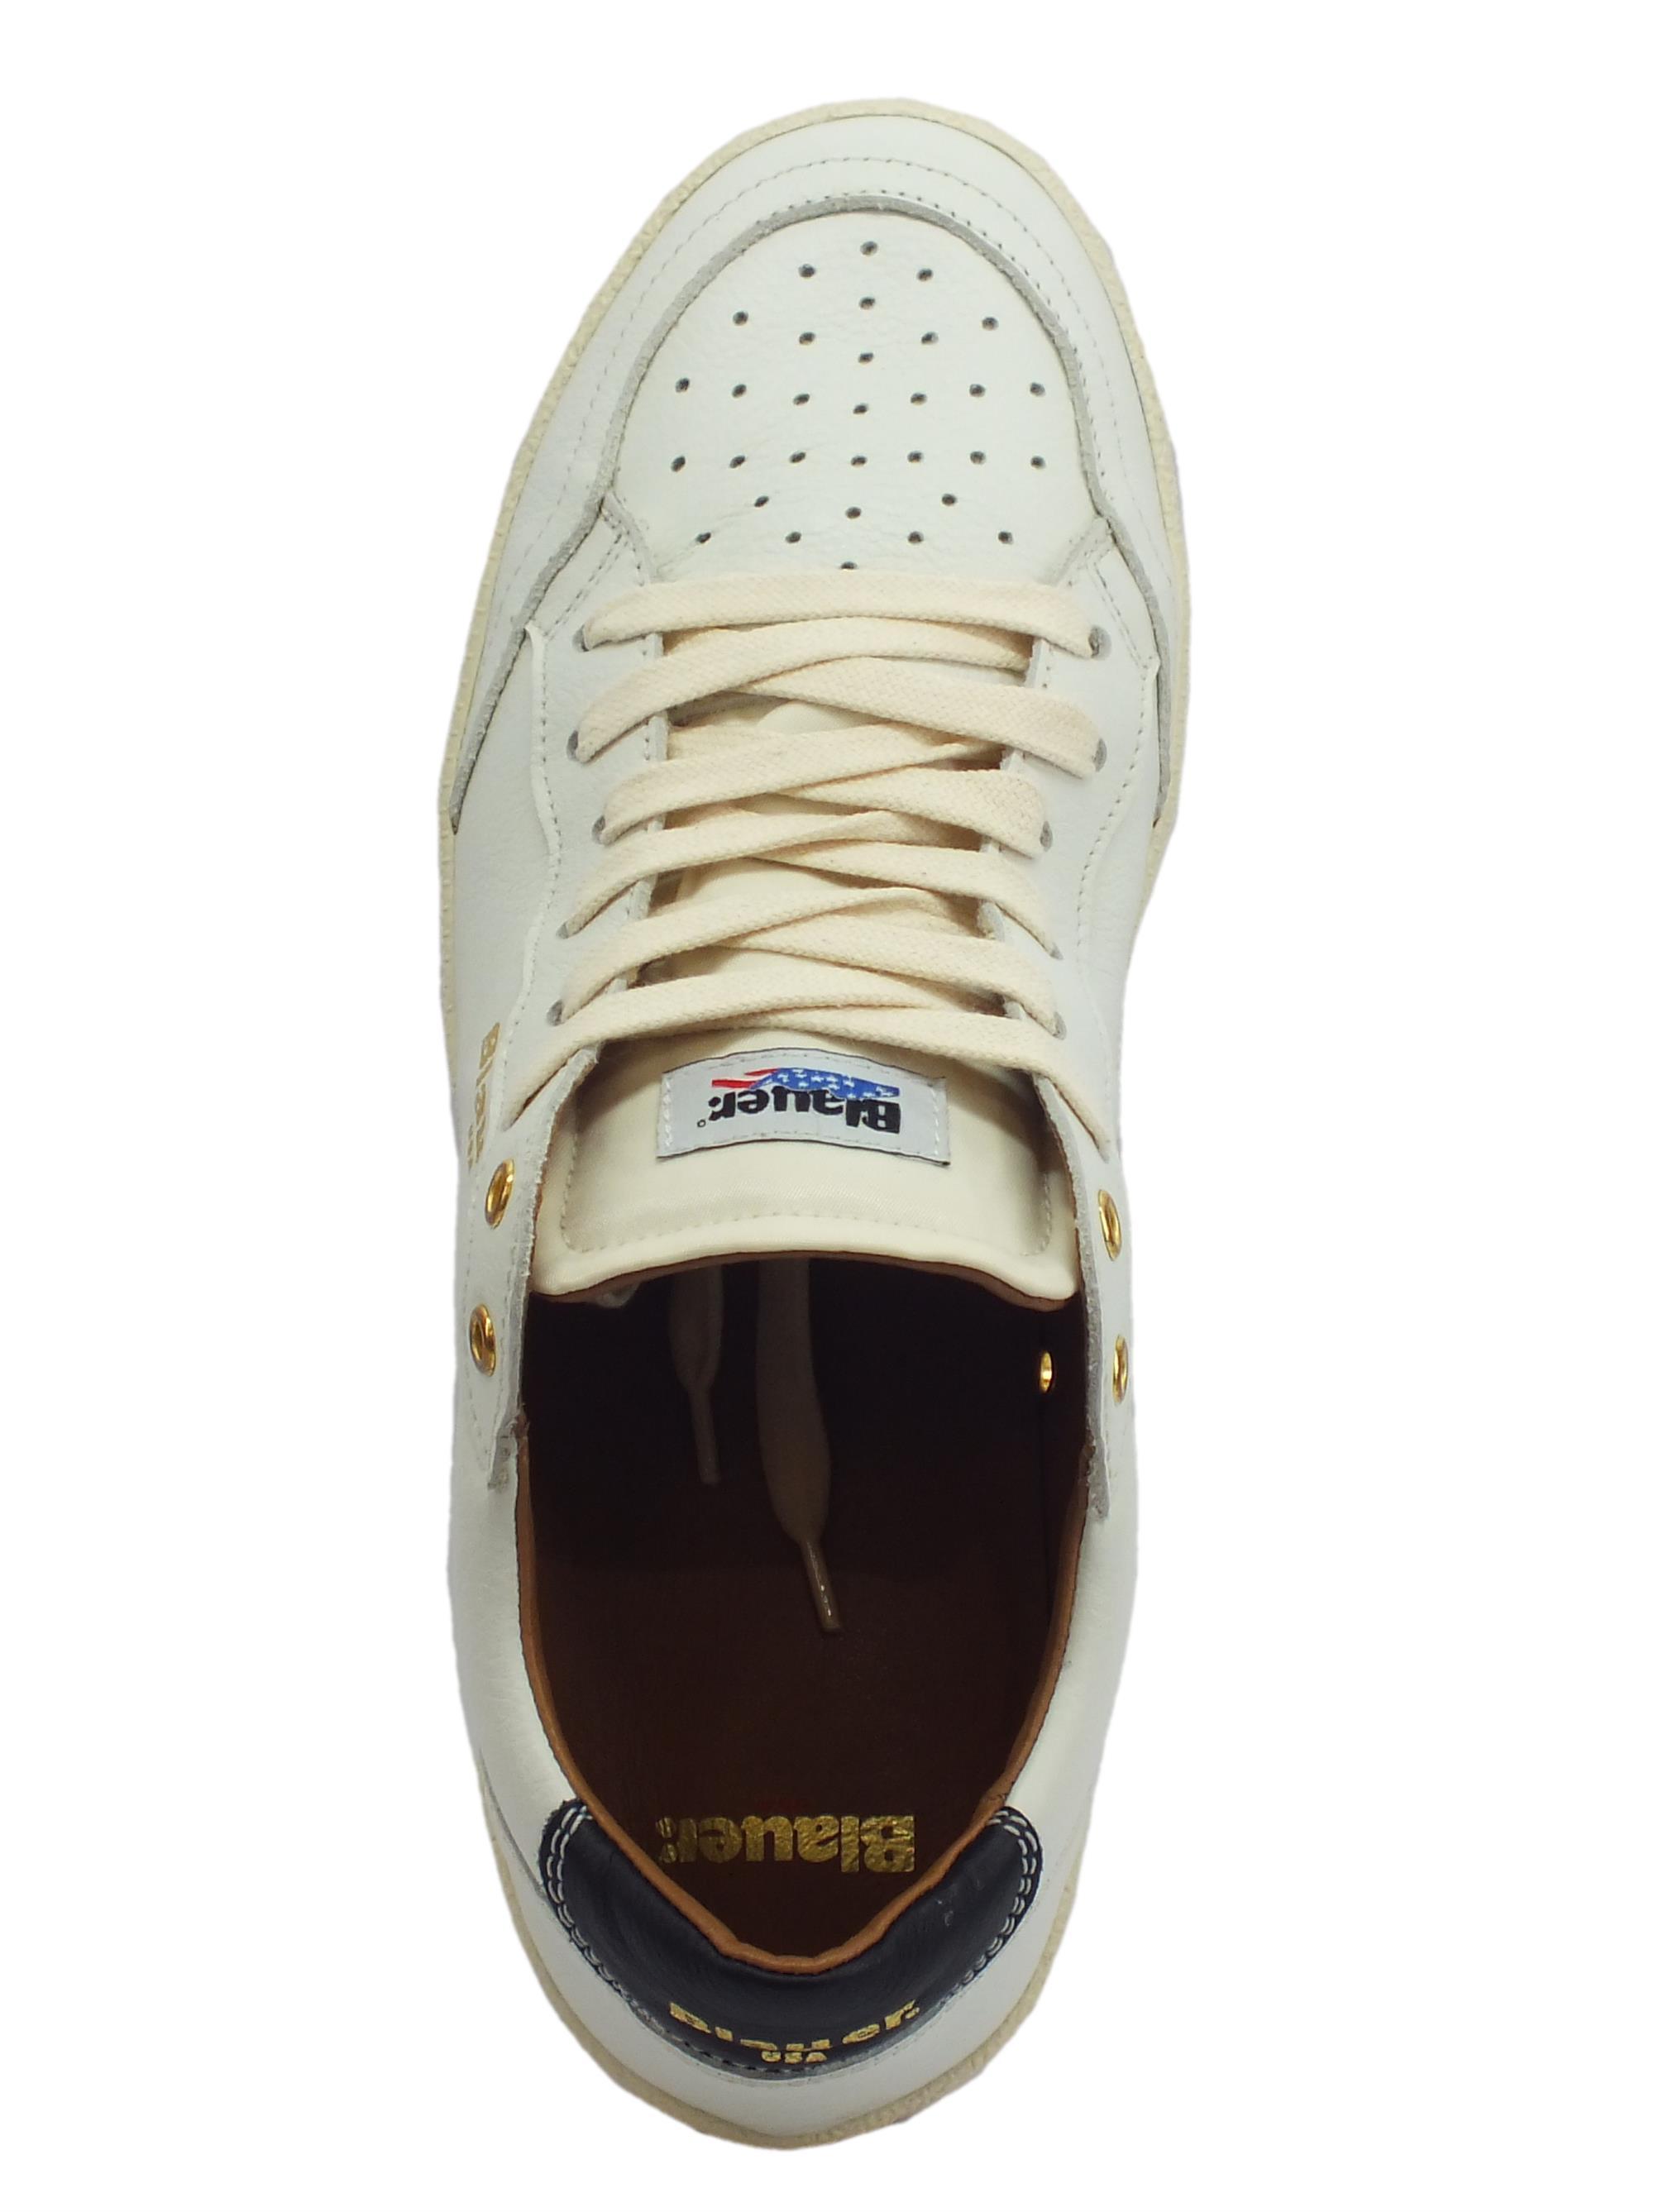 Scarpe Blauer Murray uomo pelle bianca - Vitiello Calzature 7955424c4af